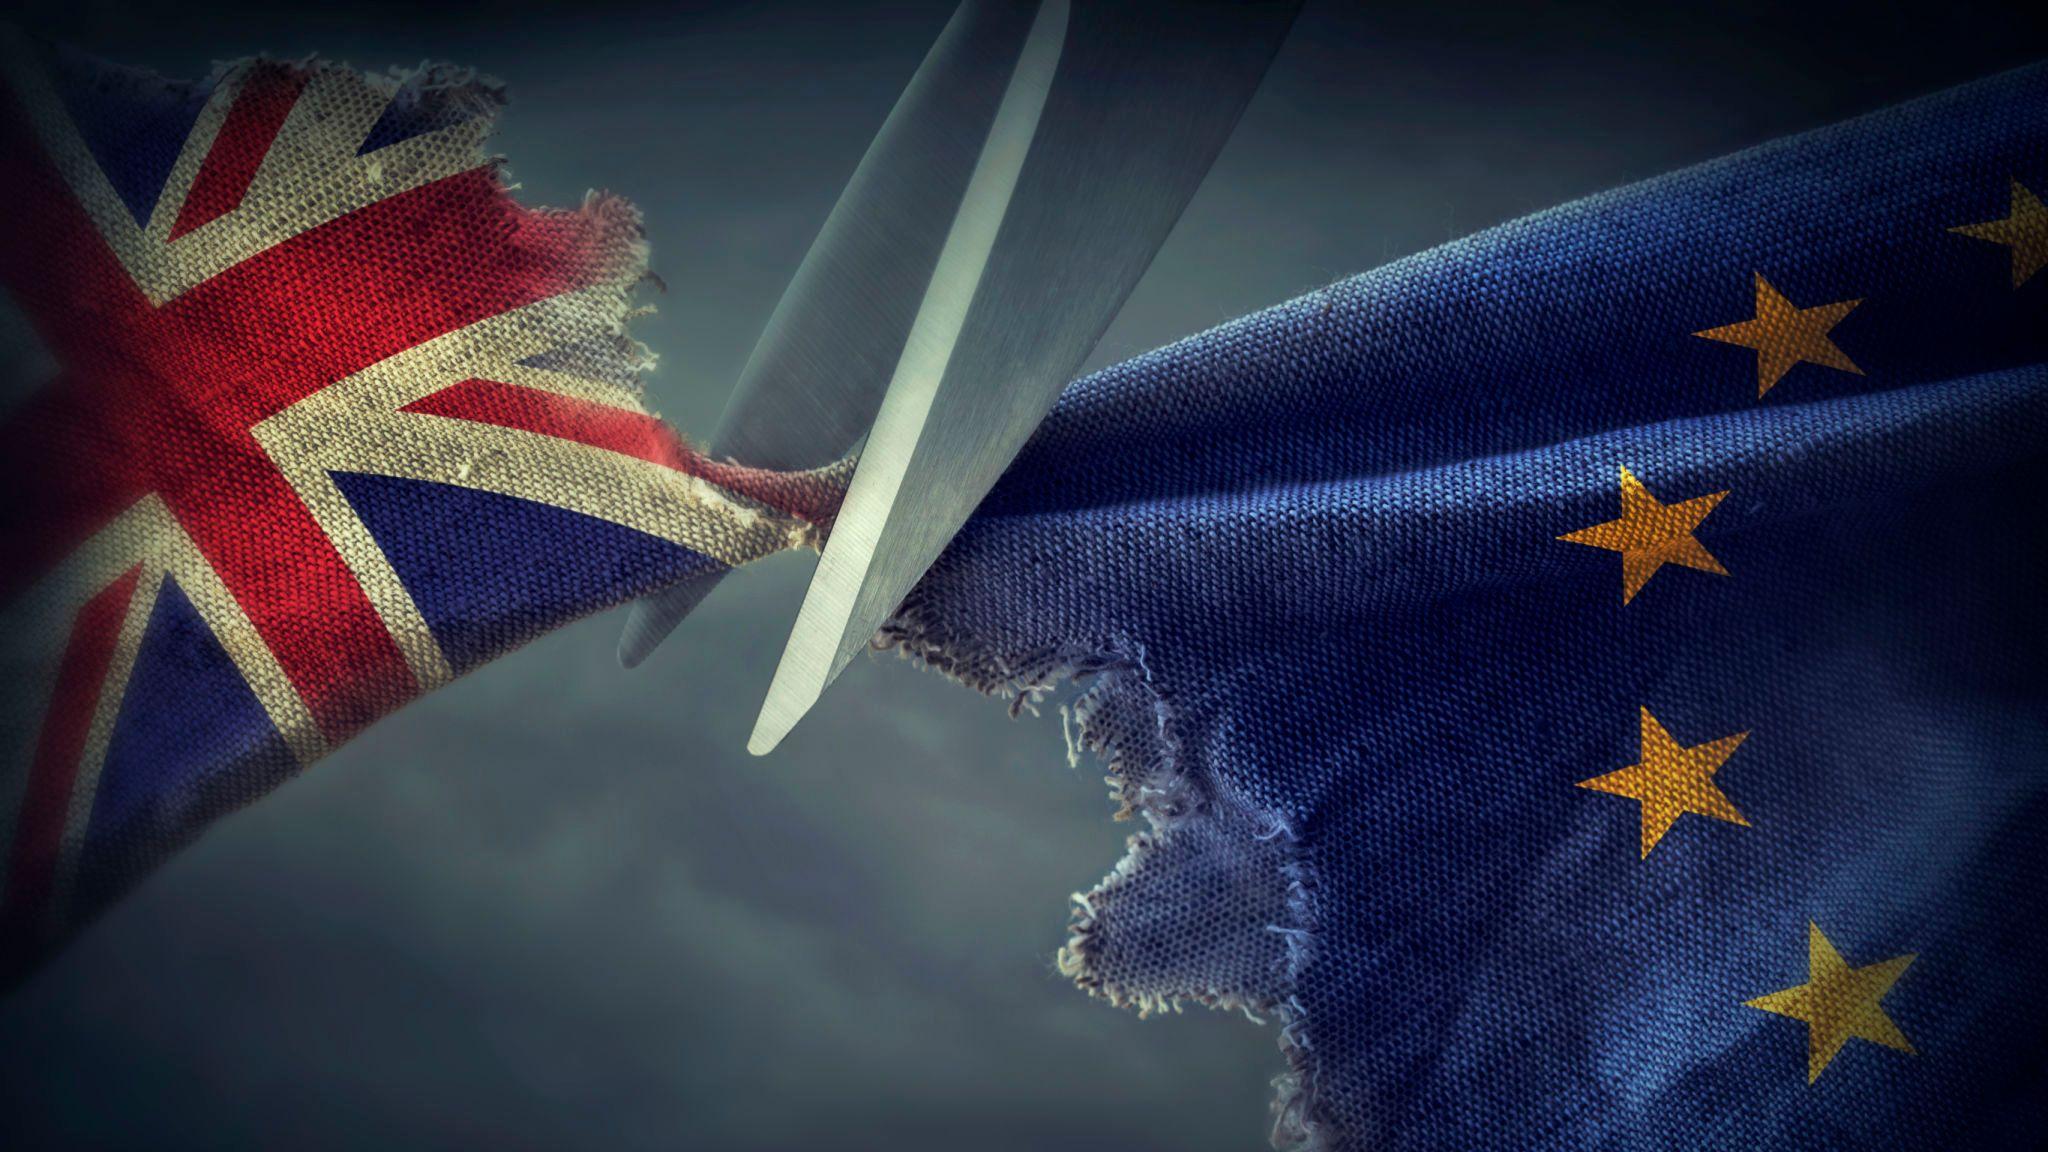 خروج بدون توافق بریتانیا از اتحادیه اروپا چگونه خواهد بود؟